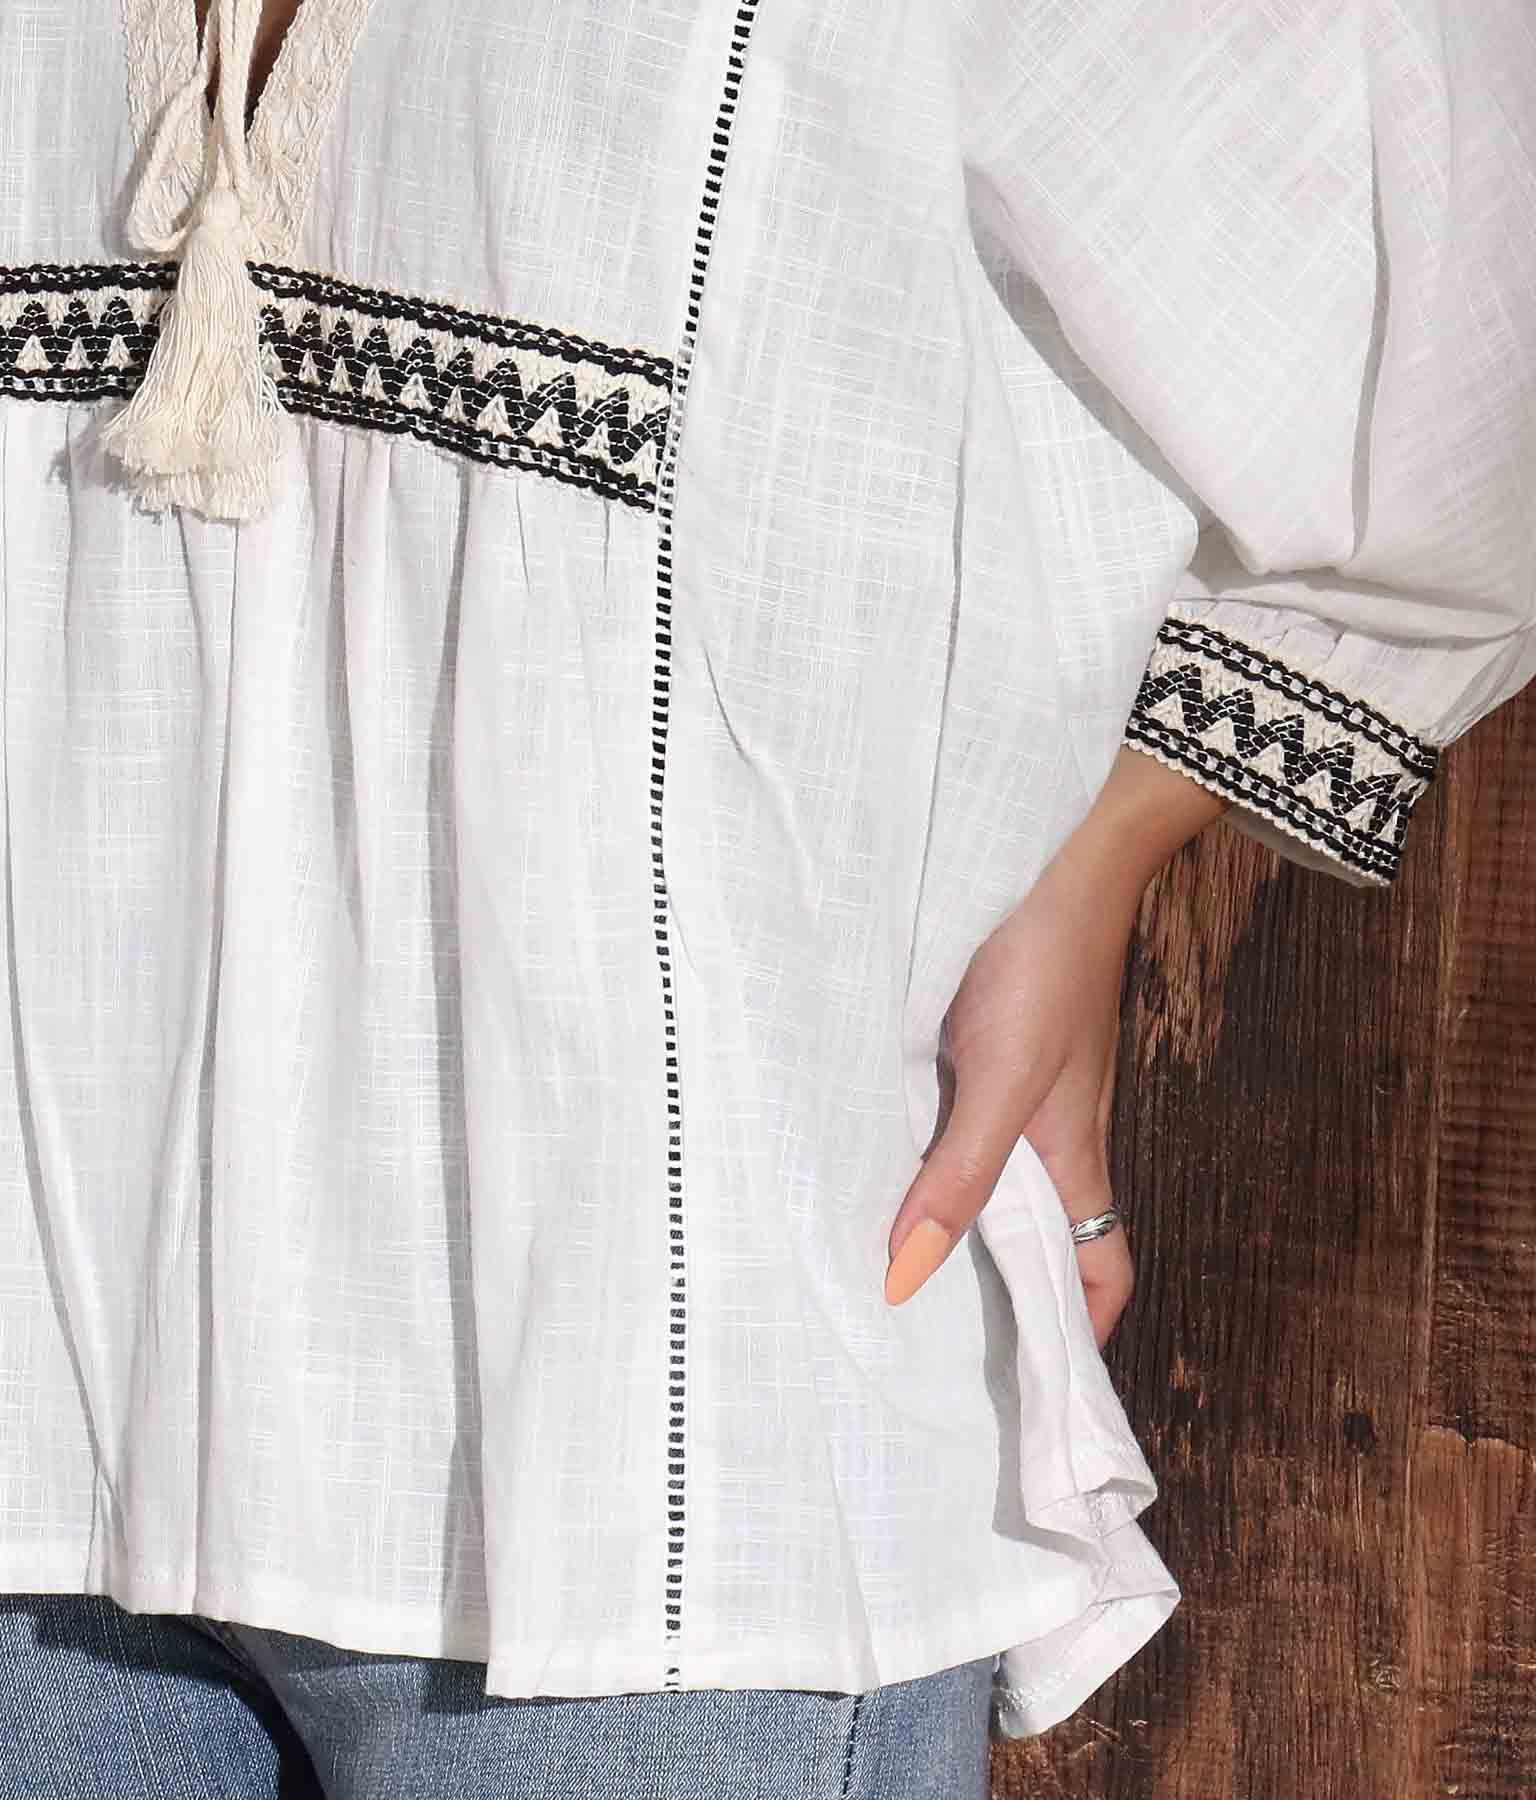 ギザギザ刺繍ブラウス | anap mimpi